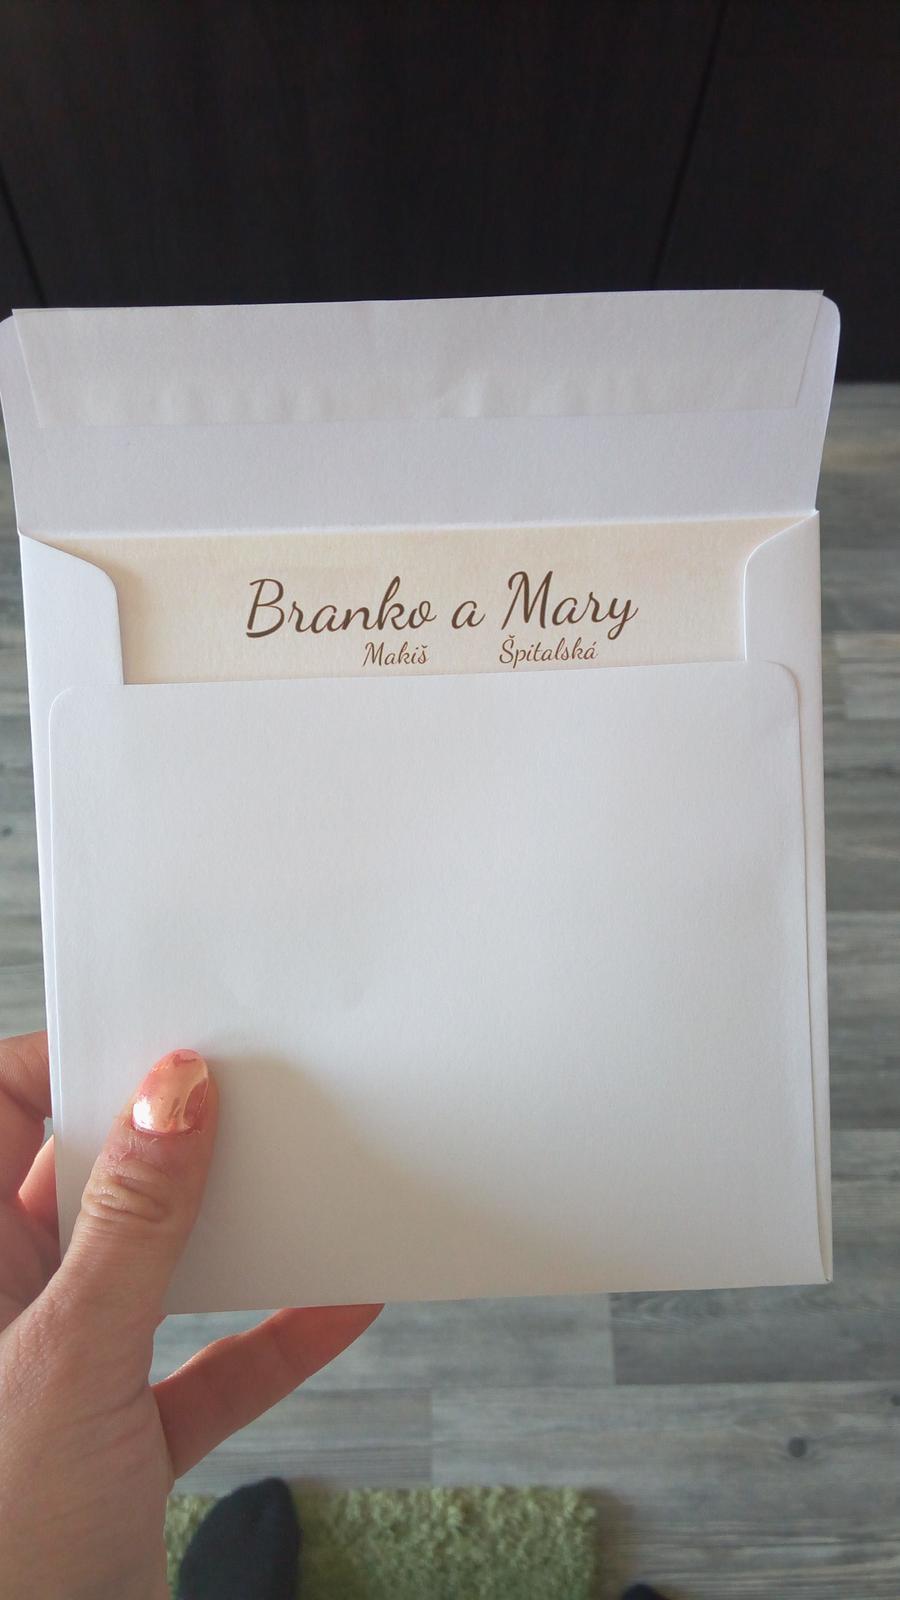 """Dnes trošku prplačka, ale stále radosť 👌👍 Balenie oznámení do obálok. Som veľmi šťastná, že to vyšlo náhodne tak, že keď naši blízki otvoria obálku, rovno uvidia naše mená 😊  Pozvánky sme vyrobili vo photoshope, čo nás nič nestálo. Dali sme ich tlačiť vo photoshope, kde sme si vybrali naozaj veľmi pekný tip papiera s názvom """"matalic"""", ktorý sa tam nachádza v rôznych odtieňoch. Papier nás stál 0,24 € za 1 kus (balenie vychádza na kus menej). 0,42 € stojí farebná tlač na jeden papier (2 oznámenia sa zmestili na 1 papier). Potom si prirátavajú niečo za rezanie a obslužnú prácu (niečo do 1 €). Takže suma sumárum nás oznámenia vyšli 0,36 € za kus.  Malé kartičky, ktoré sa dávajú k oznámeniu 2 typov (pozvanie k svadobnému stolu + pozvanie na oslavu po 21:00) boli menších rozmerov a vyšlo ich na papier viac (8 kusov na 1 papier).  Na kúpu obálok rozhodne odporúčam stránku www.topenvelopes.eu 👌 Môžete si na tej stránke objednať obálky presne na kus a môžem povedať, že majú rozhodne najlepšie ceny. - Obrázok č. 1"""